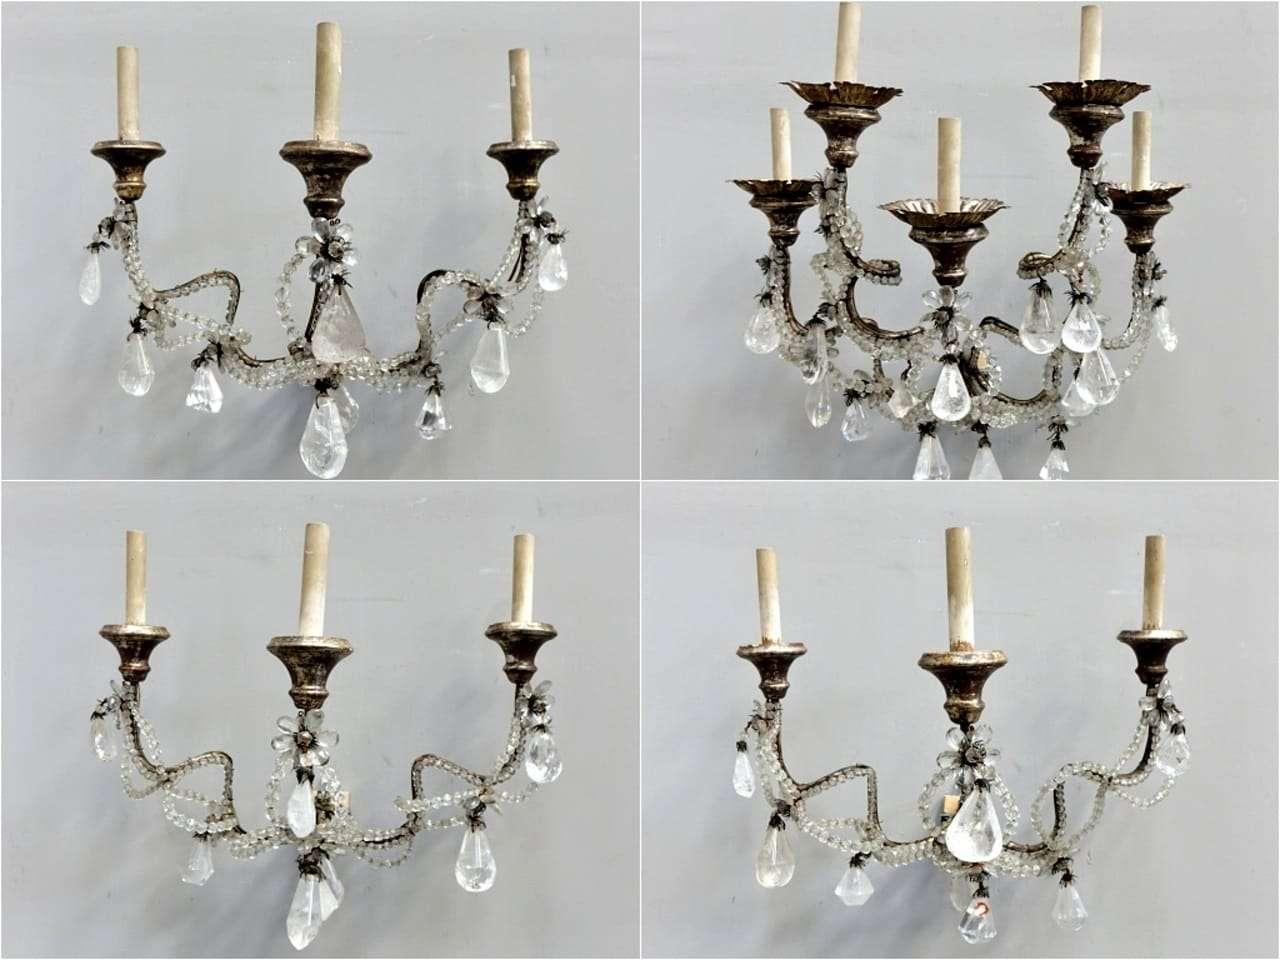 Lampada Cristallo Di Rocca Proprietà : Appliques in cristallo di rocca dorate a mecca luigi xiv